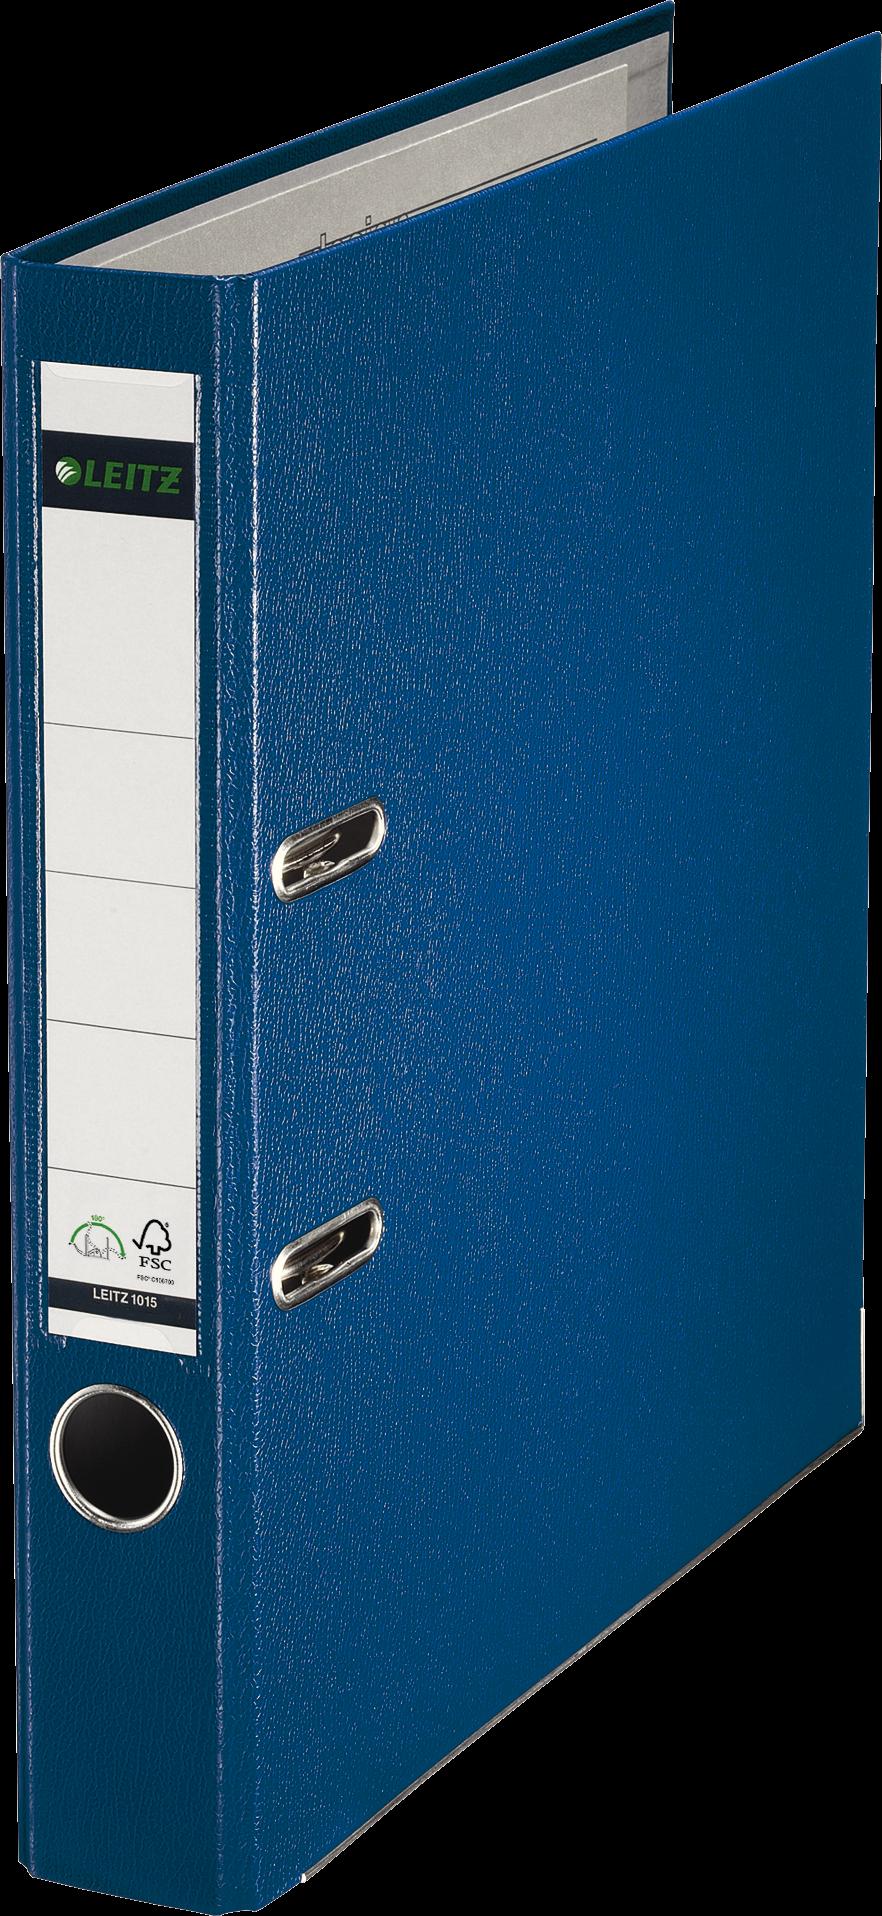 LEITZ Ordner smal 50mm blauw